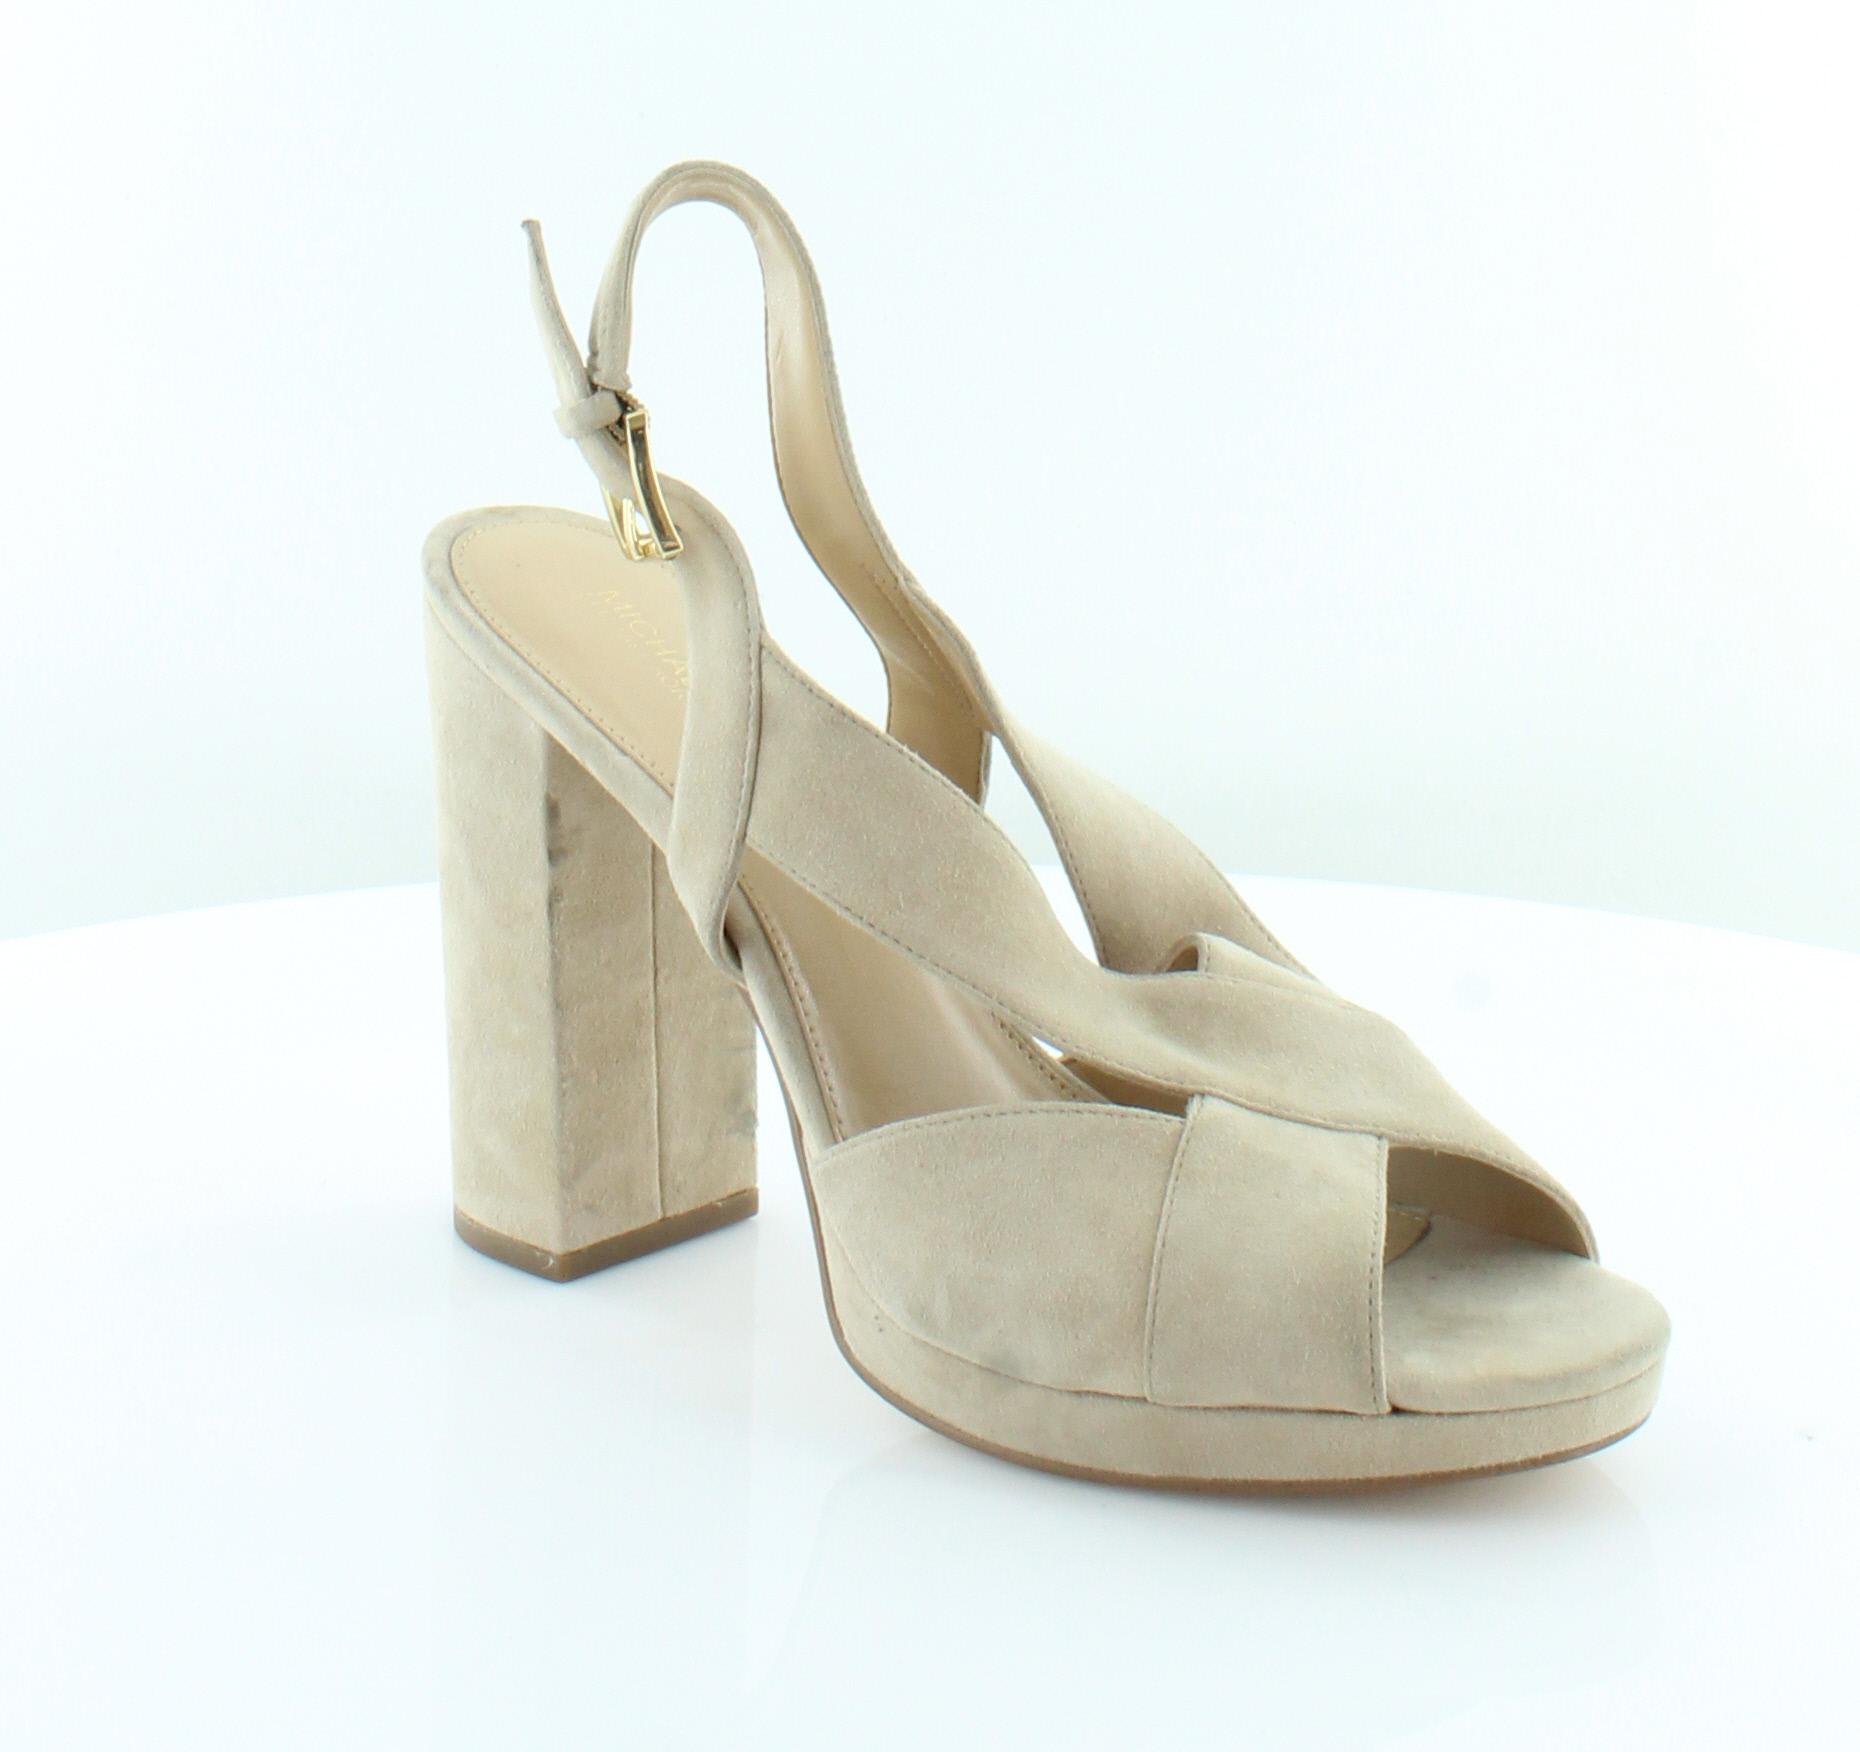 279ba0fab3e Michael Kors Becky Platform Beige Womens Shoes Size 9.5 M Heels MSRP  120